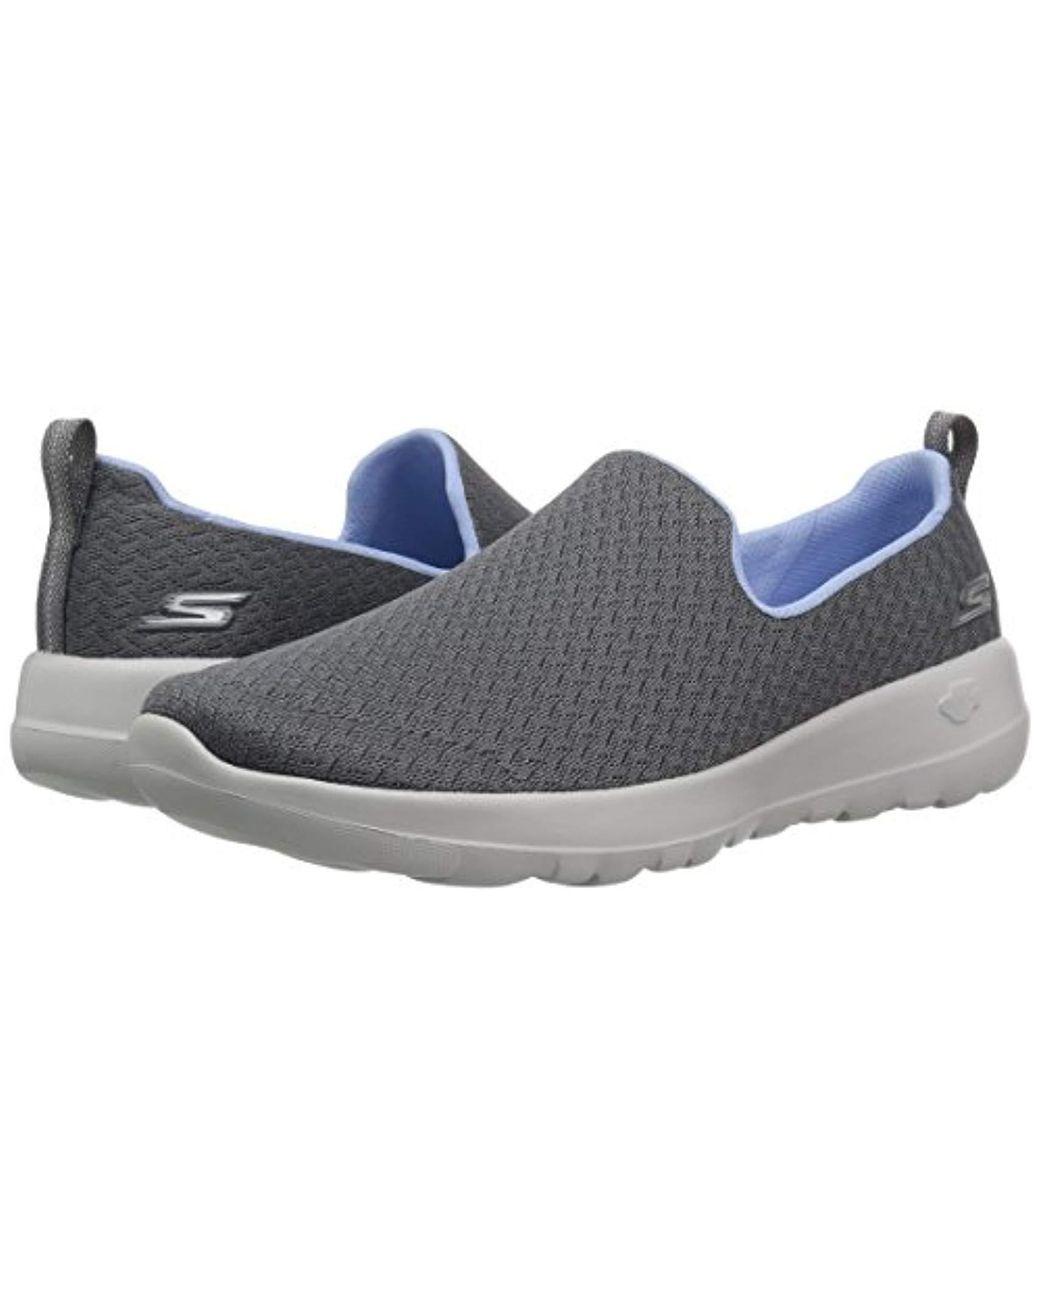 promo code eb271 32097 Lyst - Skechers Go Walk Joy-rejoice Sneaker in Gray